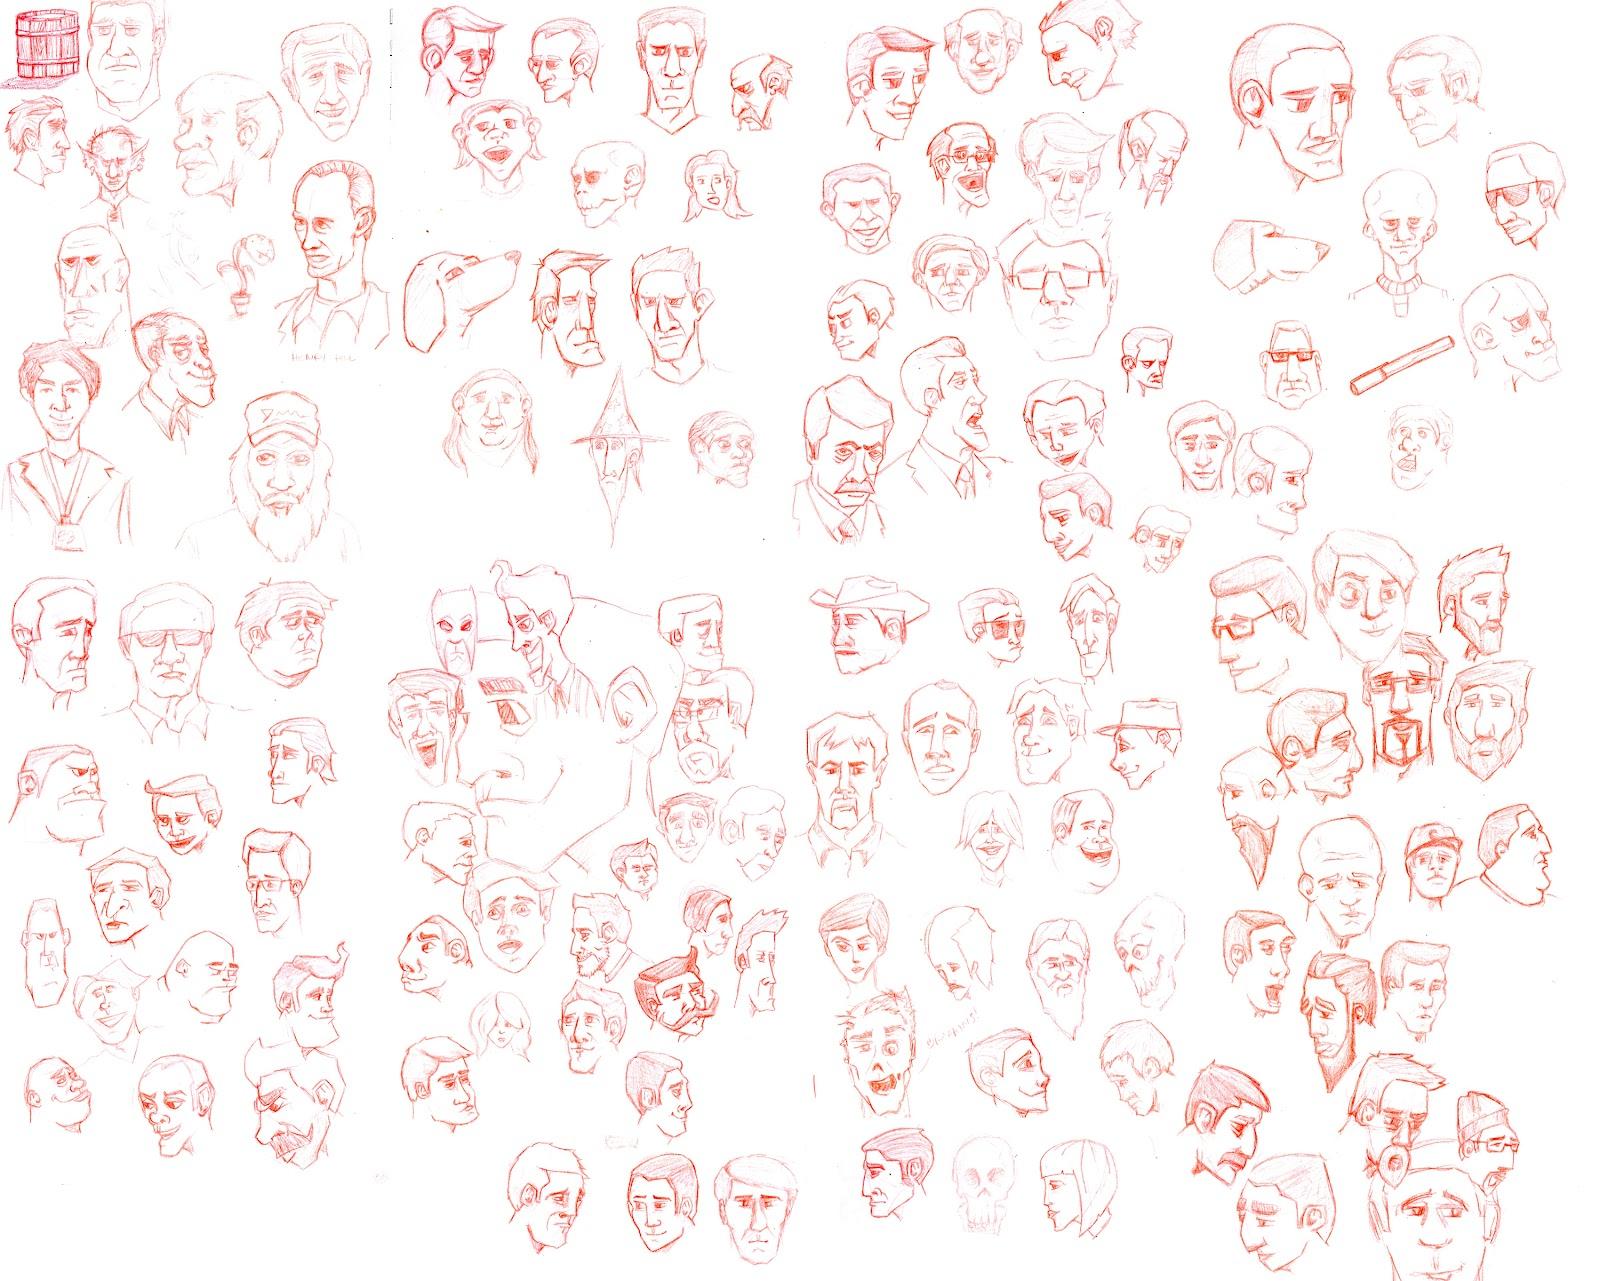 heads_001.jpg